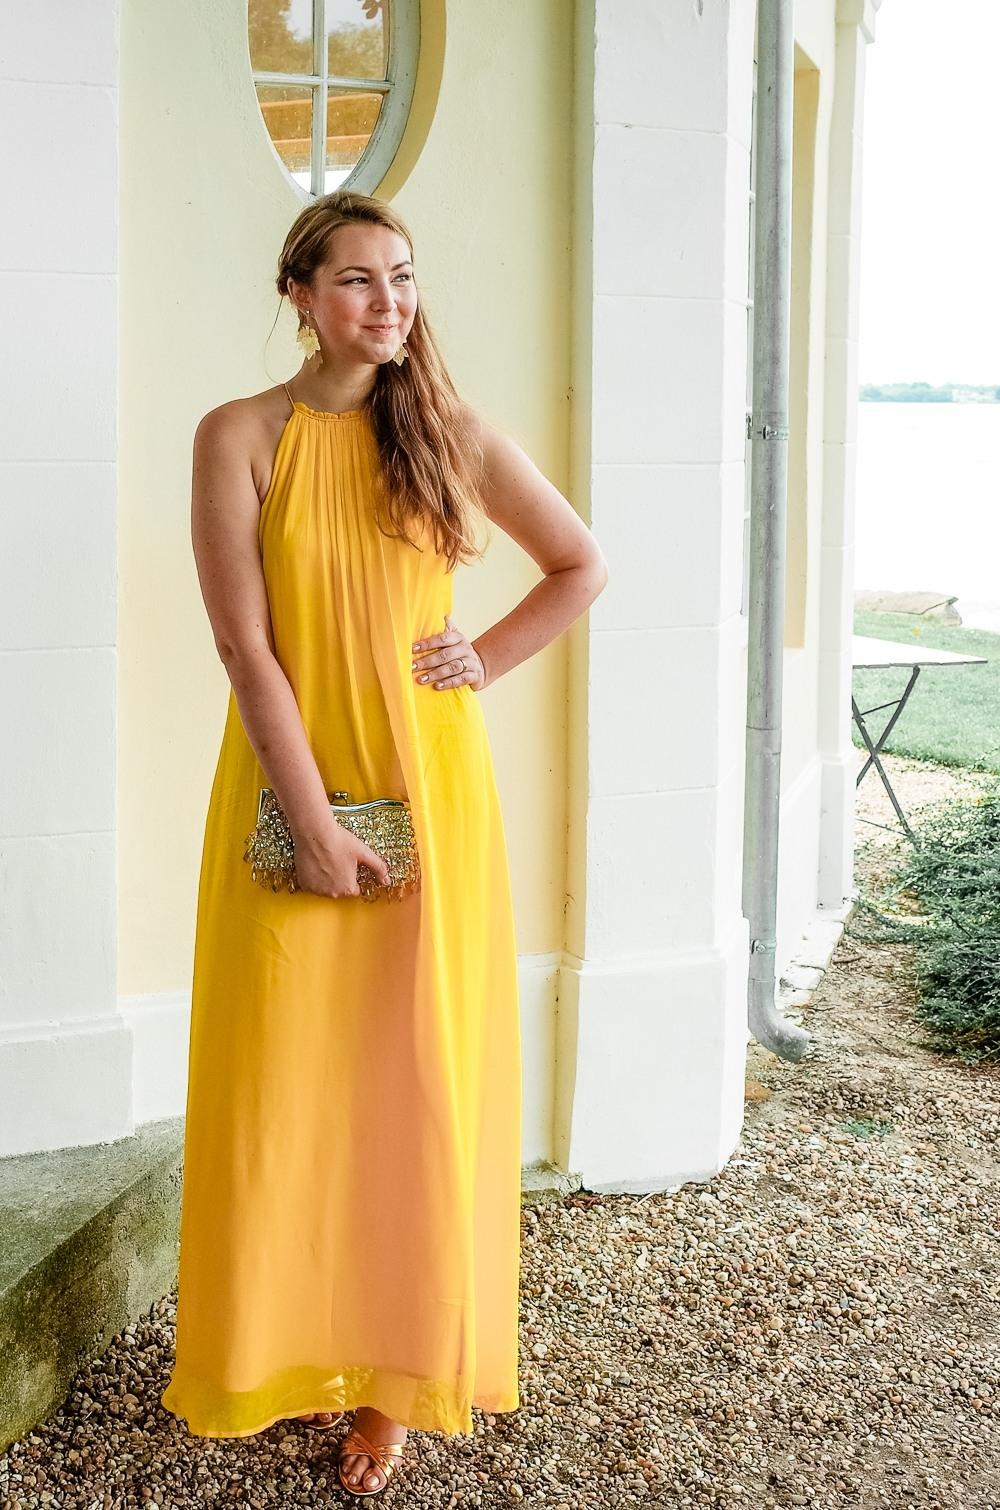 20 Erstaunlich Kleider Für Ältere Hochzeitsgäste Vertrieb17 Schön Kleider Für Ältere Hochzeitsgäste Stylish